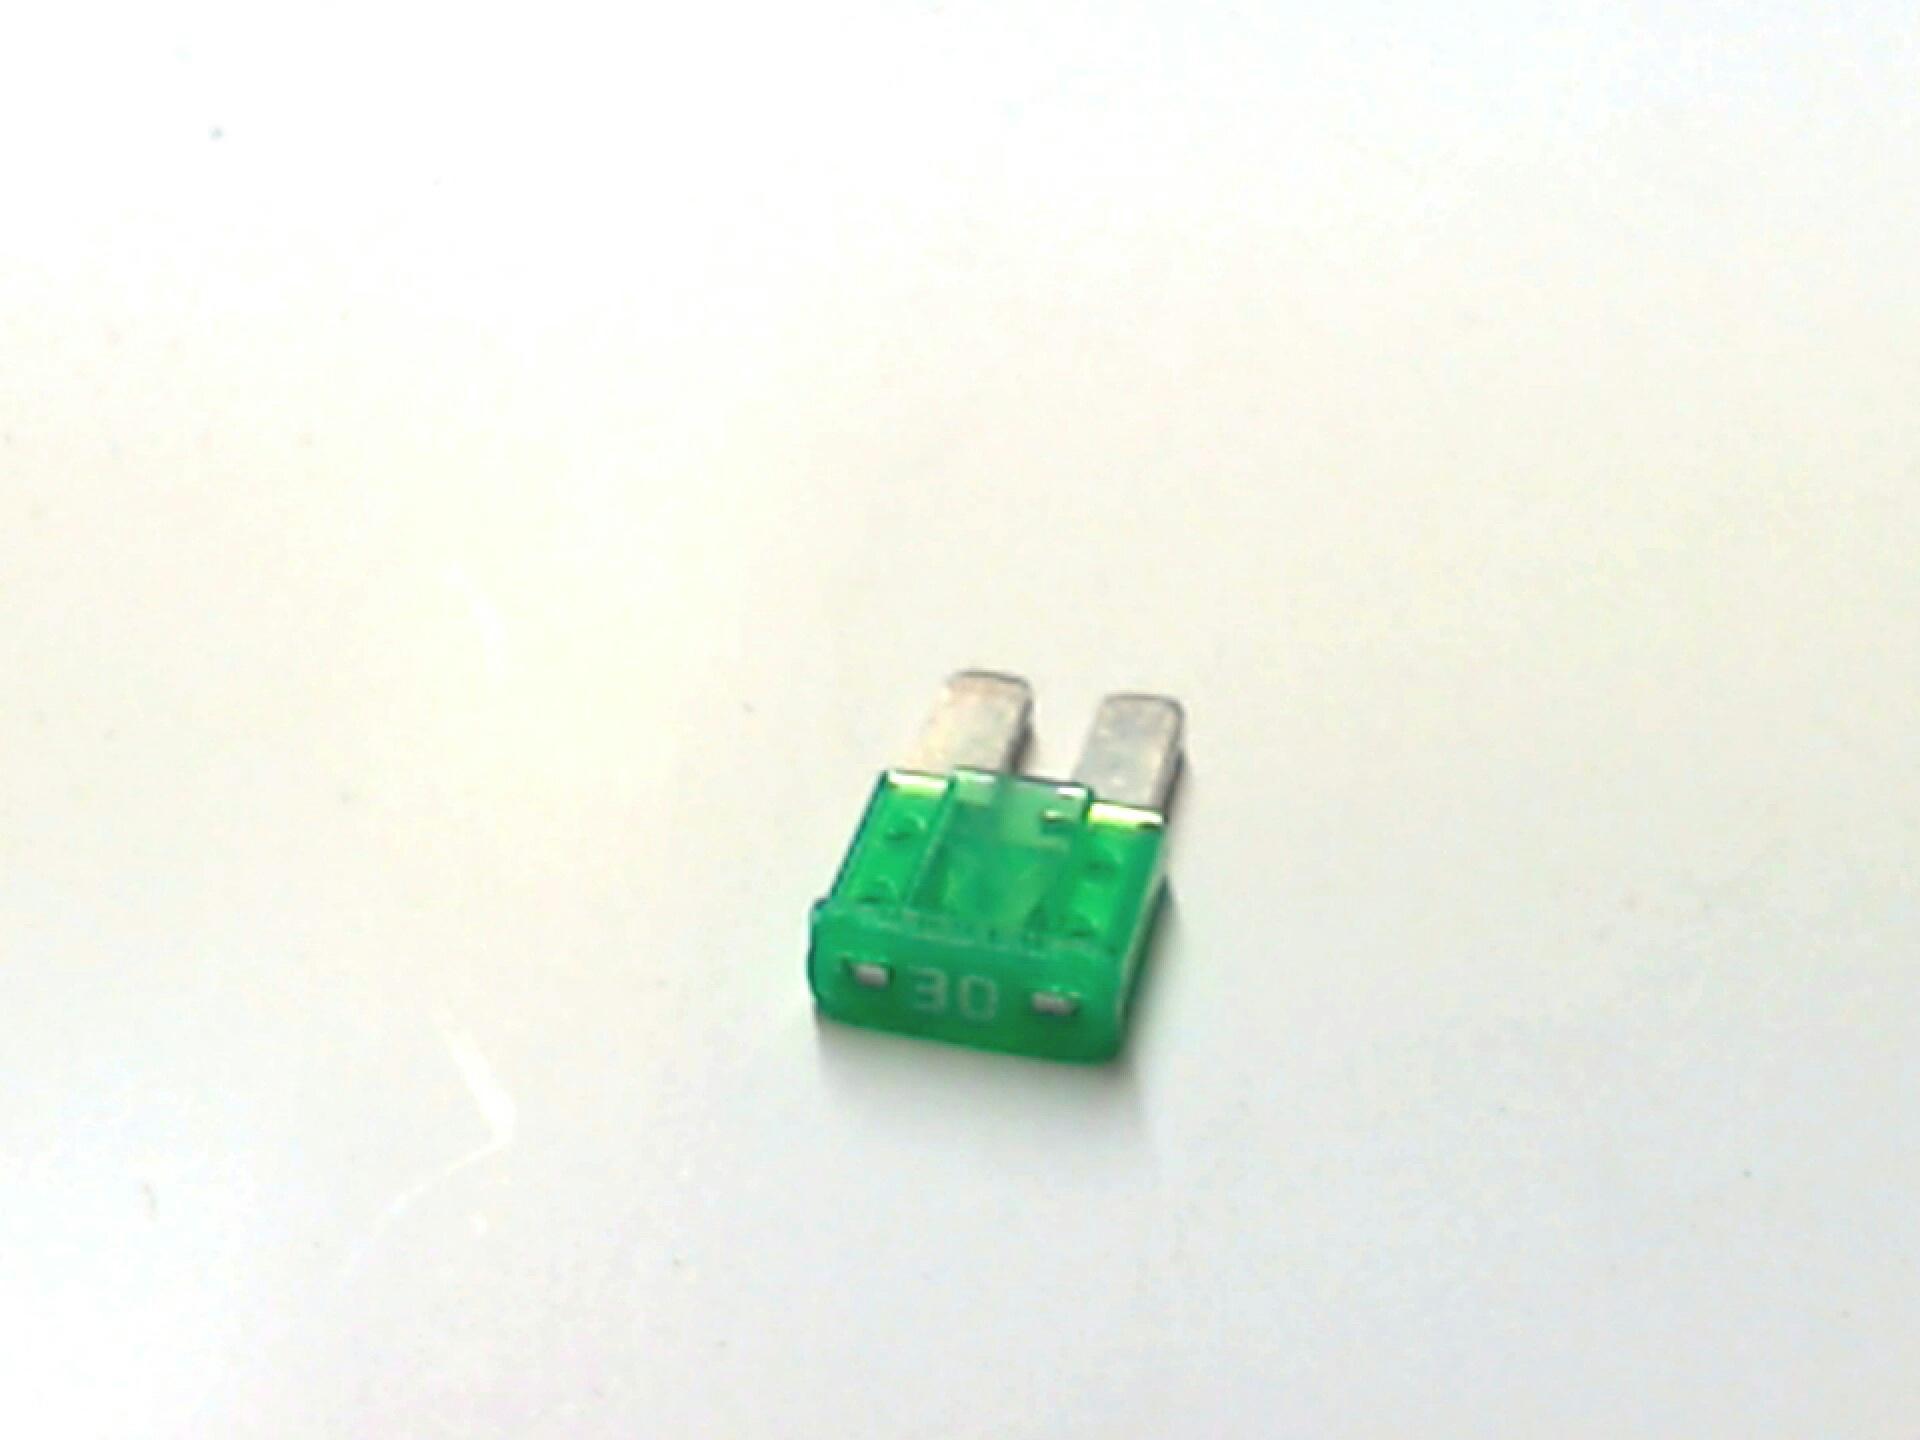 2011 dodge journey fuse micro 30 amp export. Black Bedroom Furniture Sets. Home Design Ideas